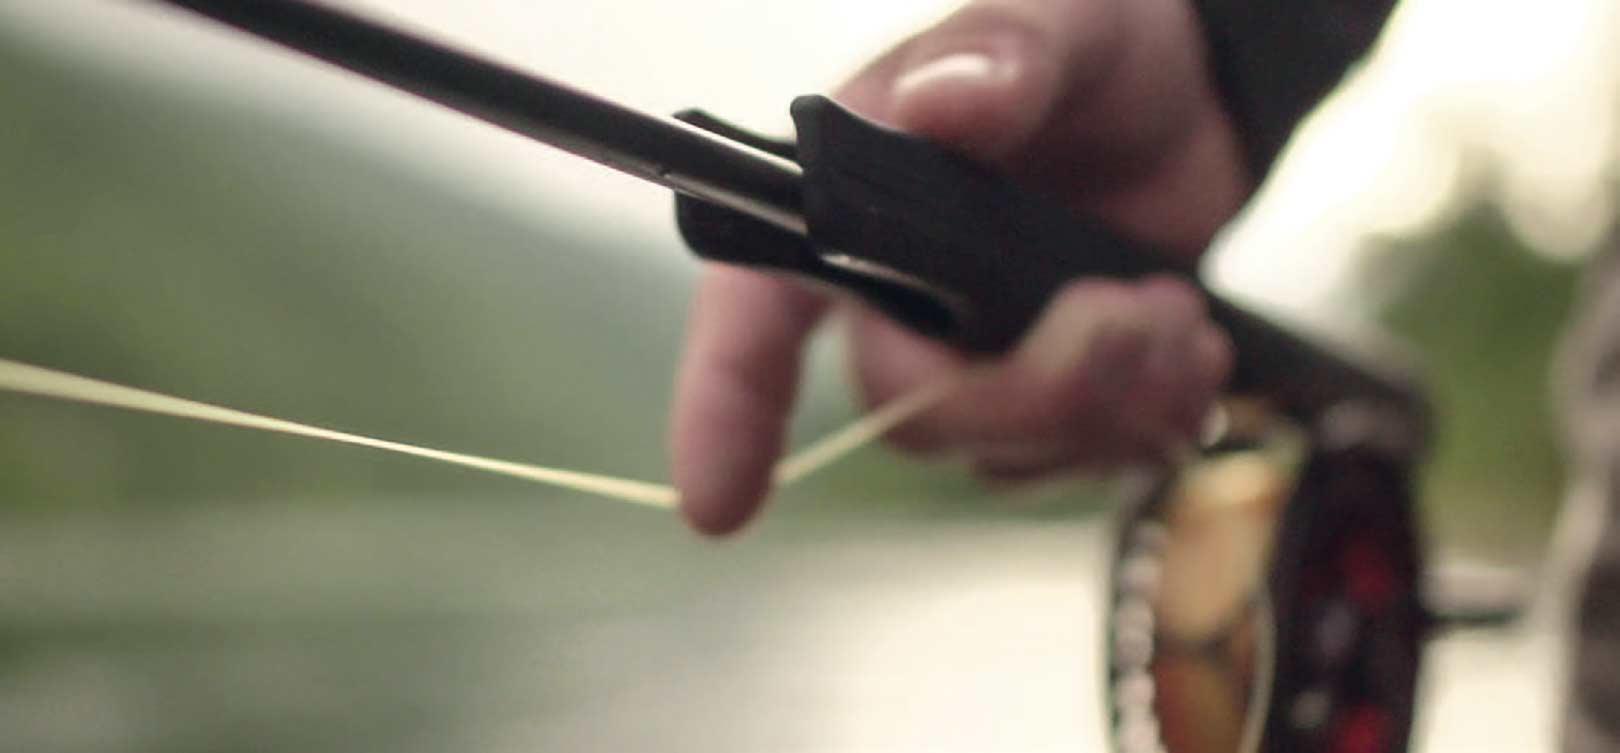 Enhånds fluestænger i klasse 6 og 7 på 10 fod fungerer rigtig godt til denne type fluefiskeri.